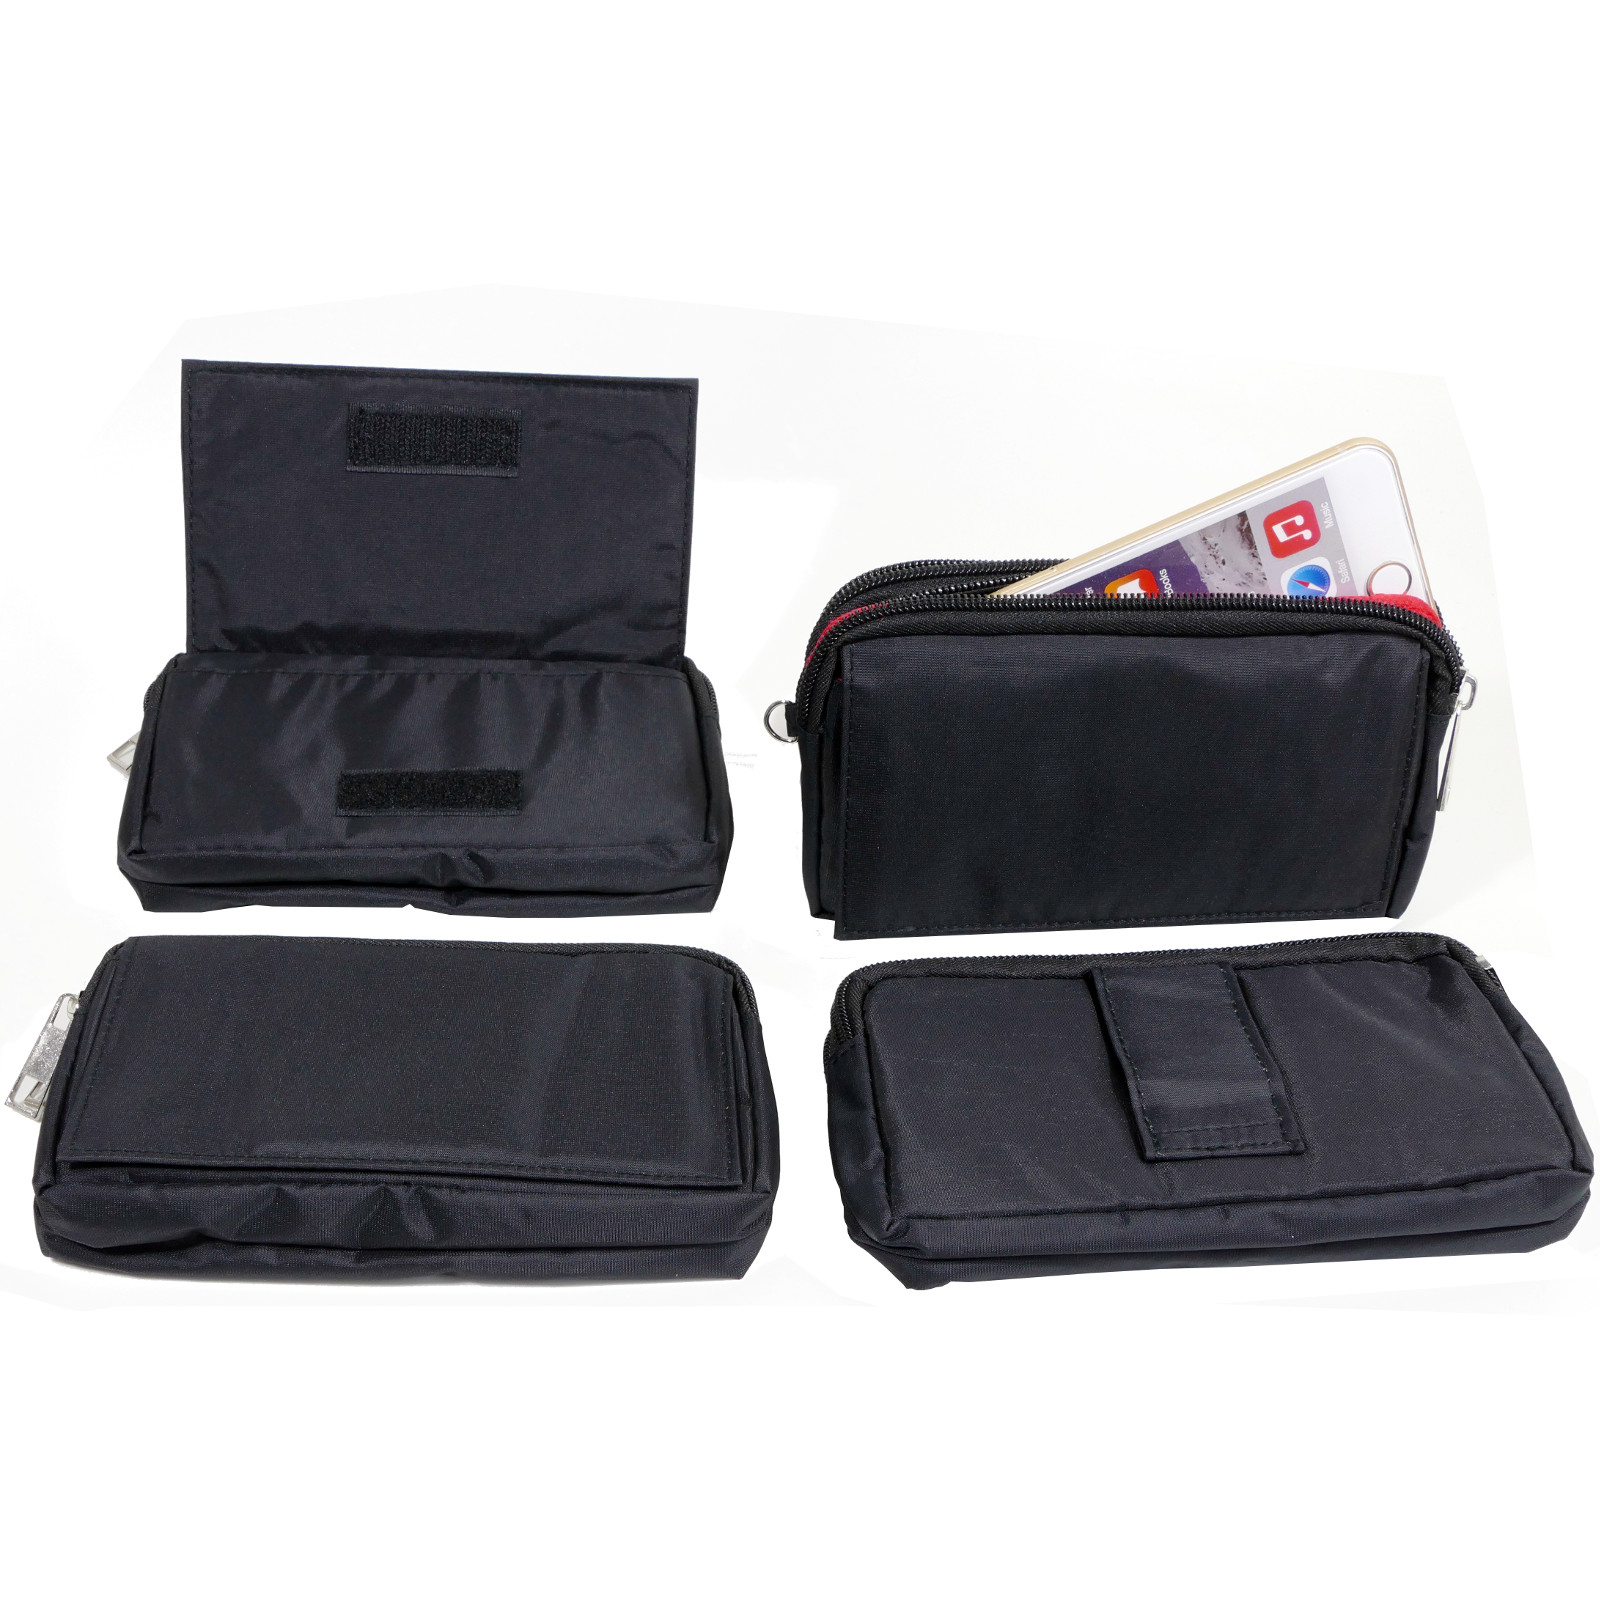 Handy Tasche Für Samsung Schutzhülle Etui Case Quer Gürteltasche Portemonnaie Handys & Kommunikation